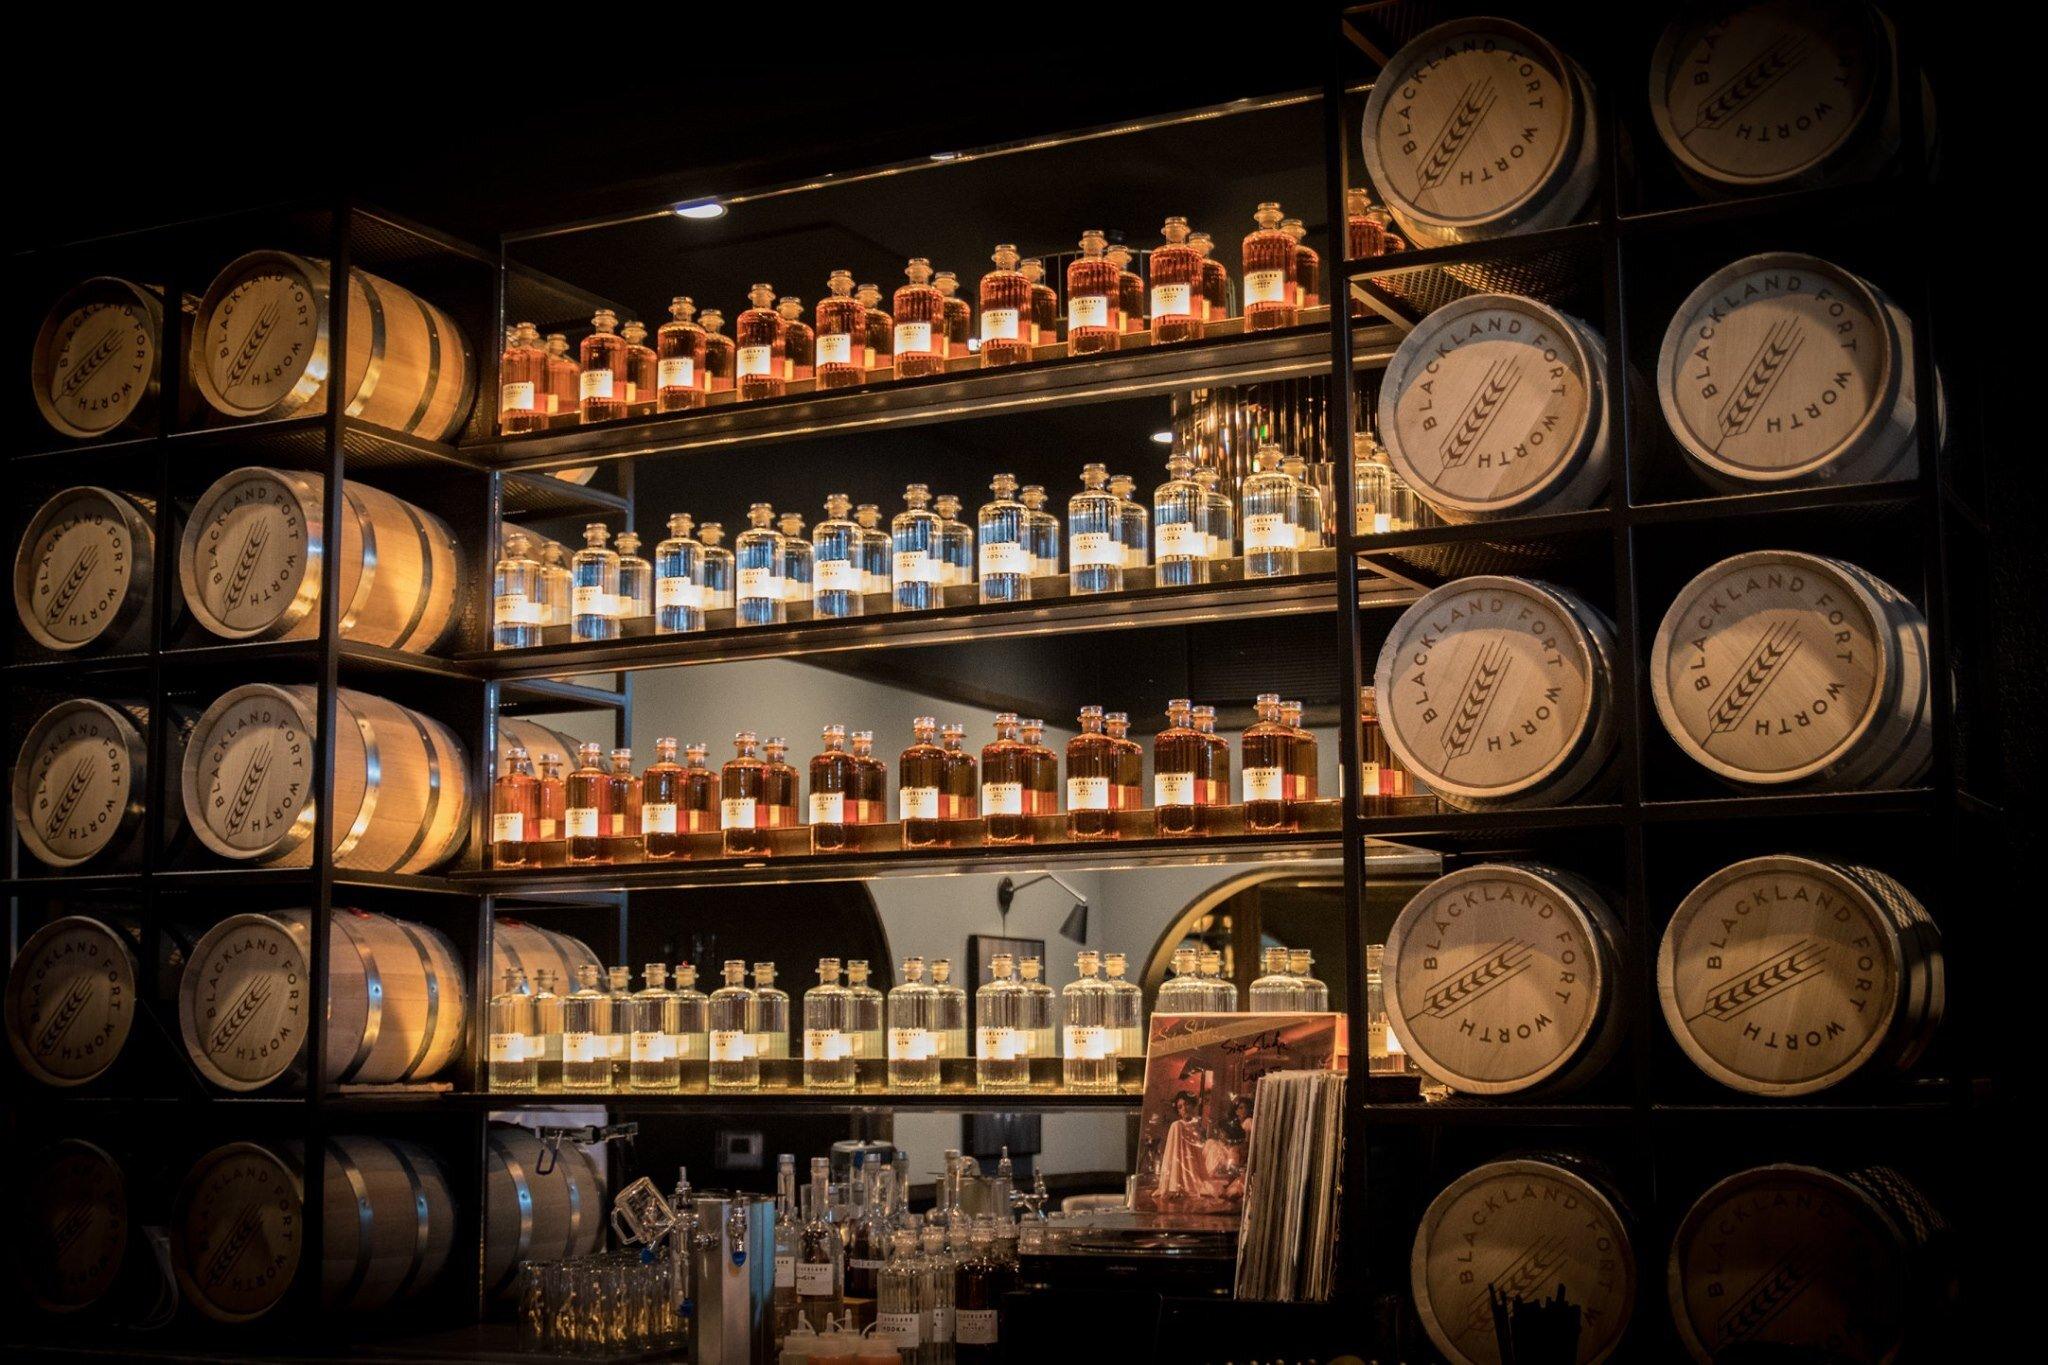 The tasting room at Blackland Distillery